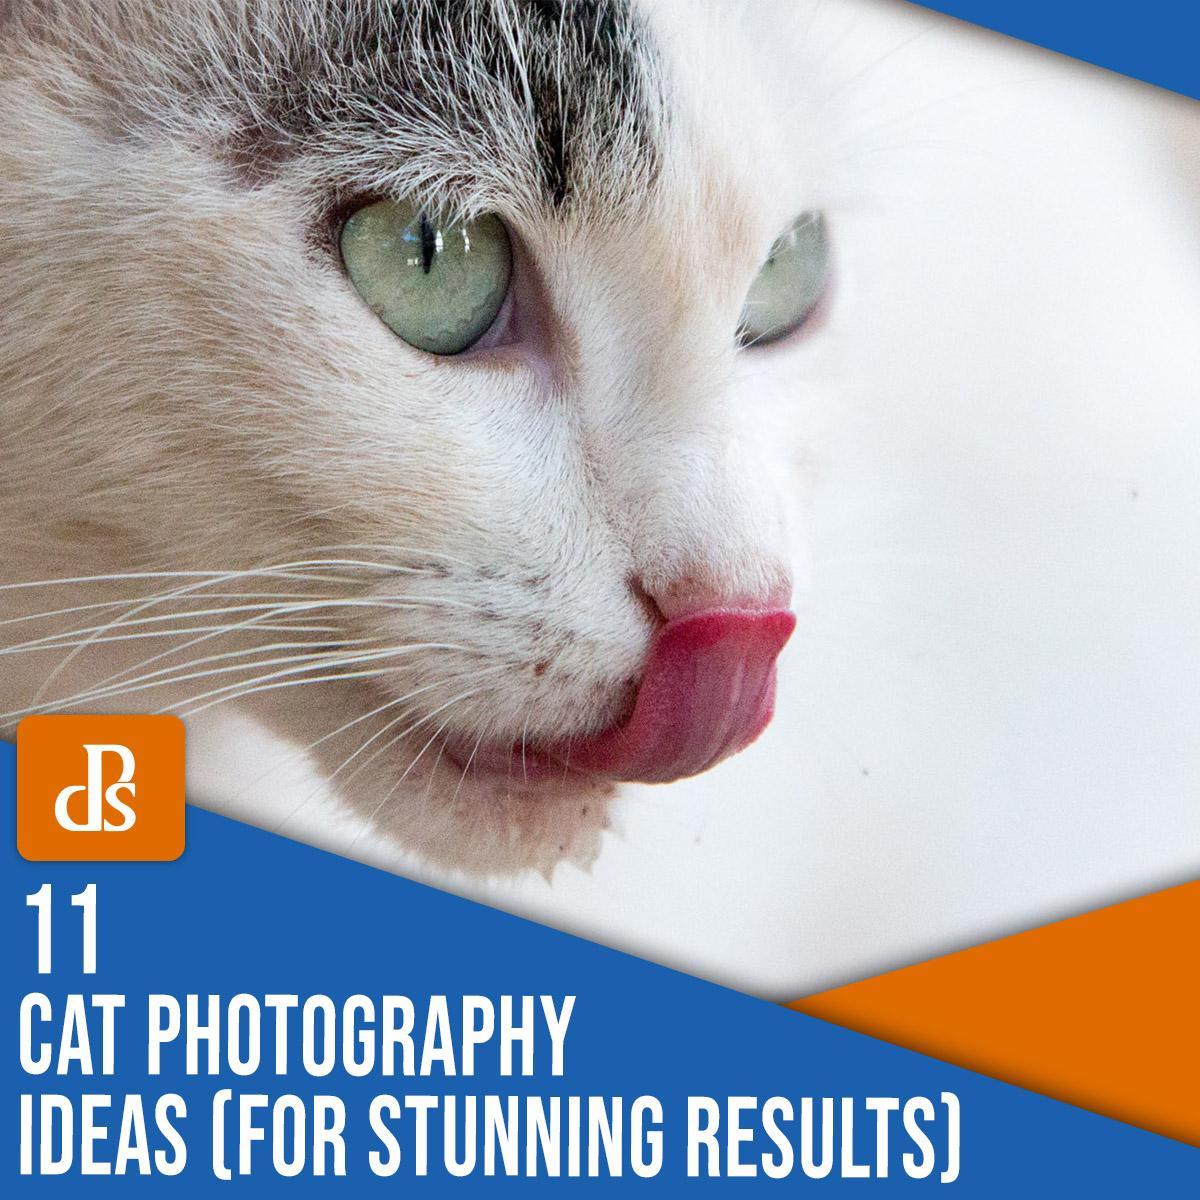 11 ideias de fotografia de gato para resultados surpreendentes